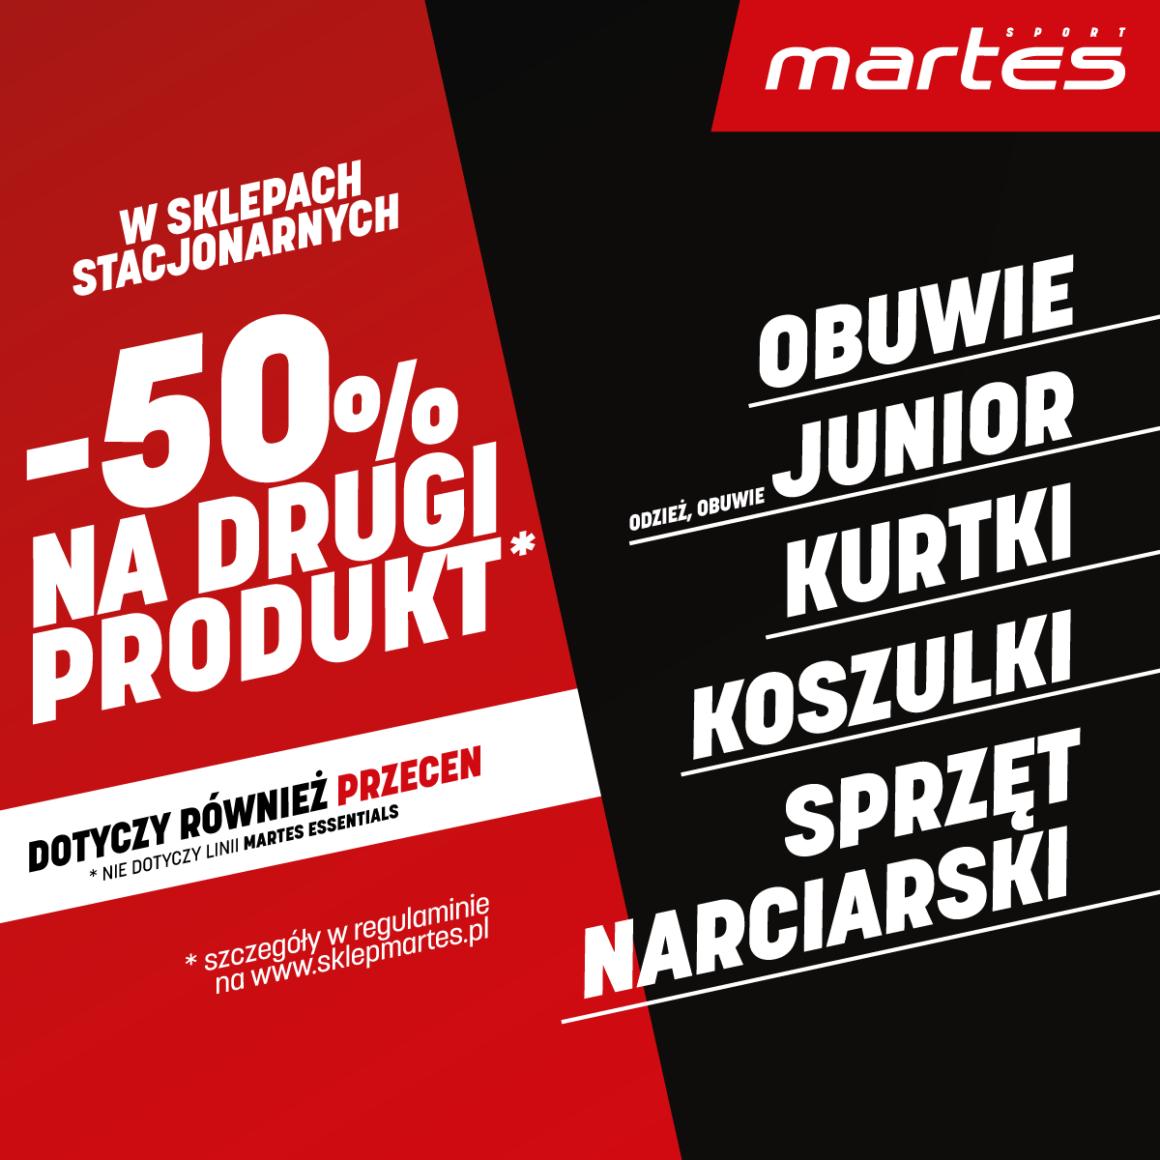 MARTES SPORT: -50% NA DRUGI PRODUKT!